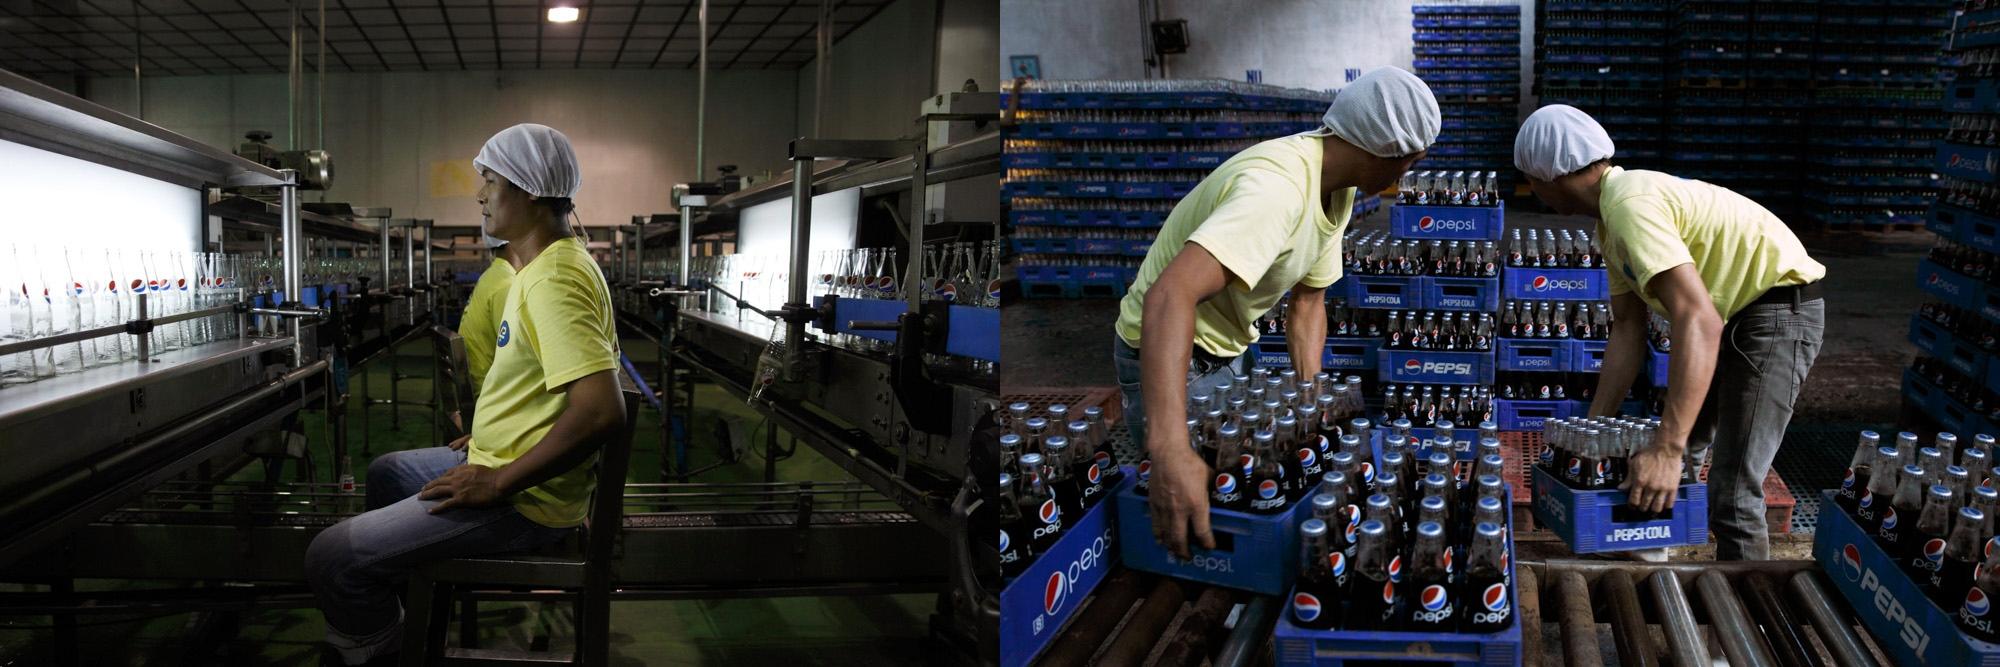 CLIENT: PepsiCo SHOOT LOCATION: Philippines